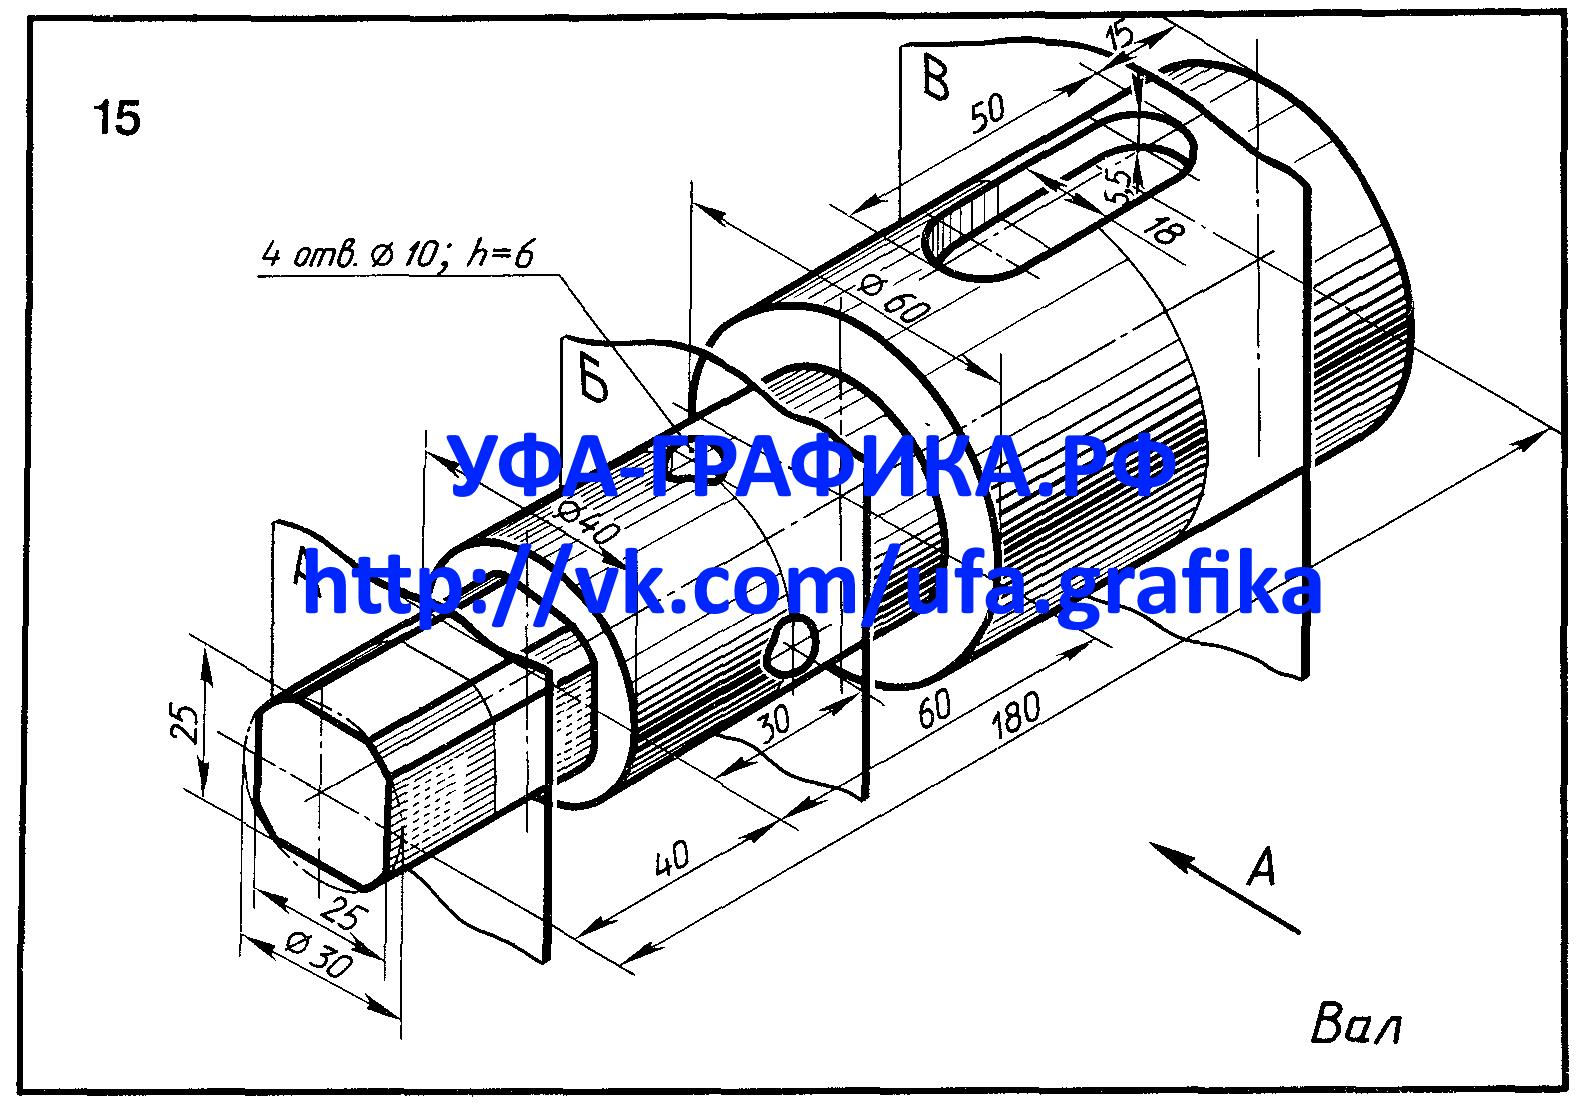 Сечения вала - Вариант 15, чертежи, деталирование, 3Д модели, начертательная геометрия, инженерная графика